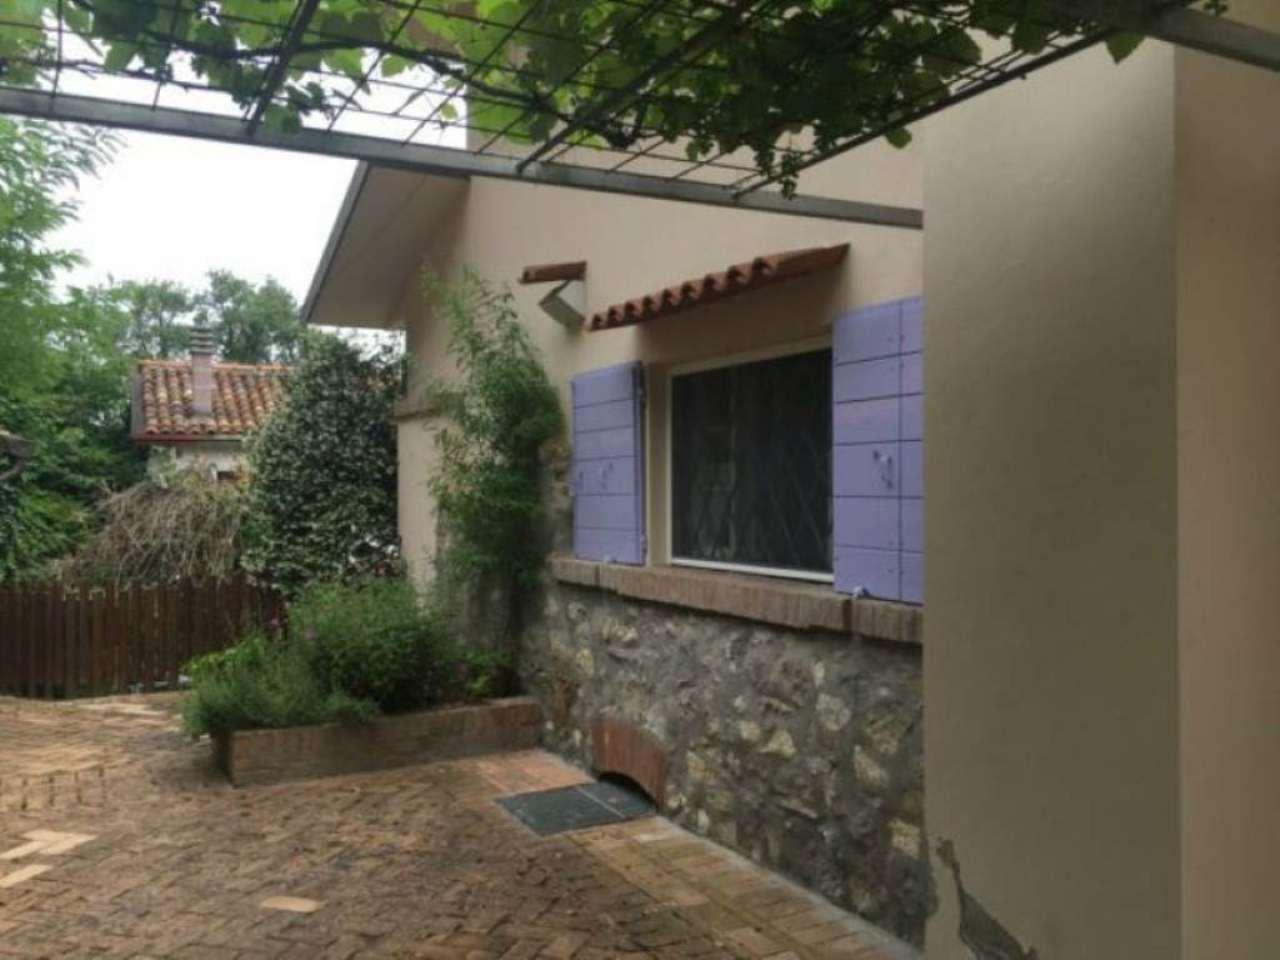 Rustico / Casale in vendita a Roncofreddo, 6 locali, Trattative riservate | CambioCasa.it